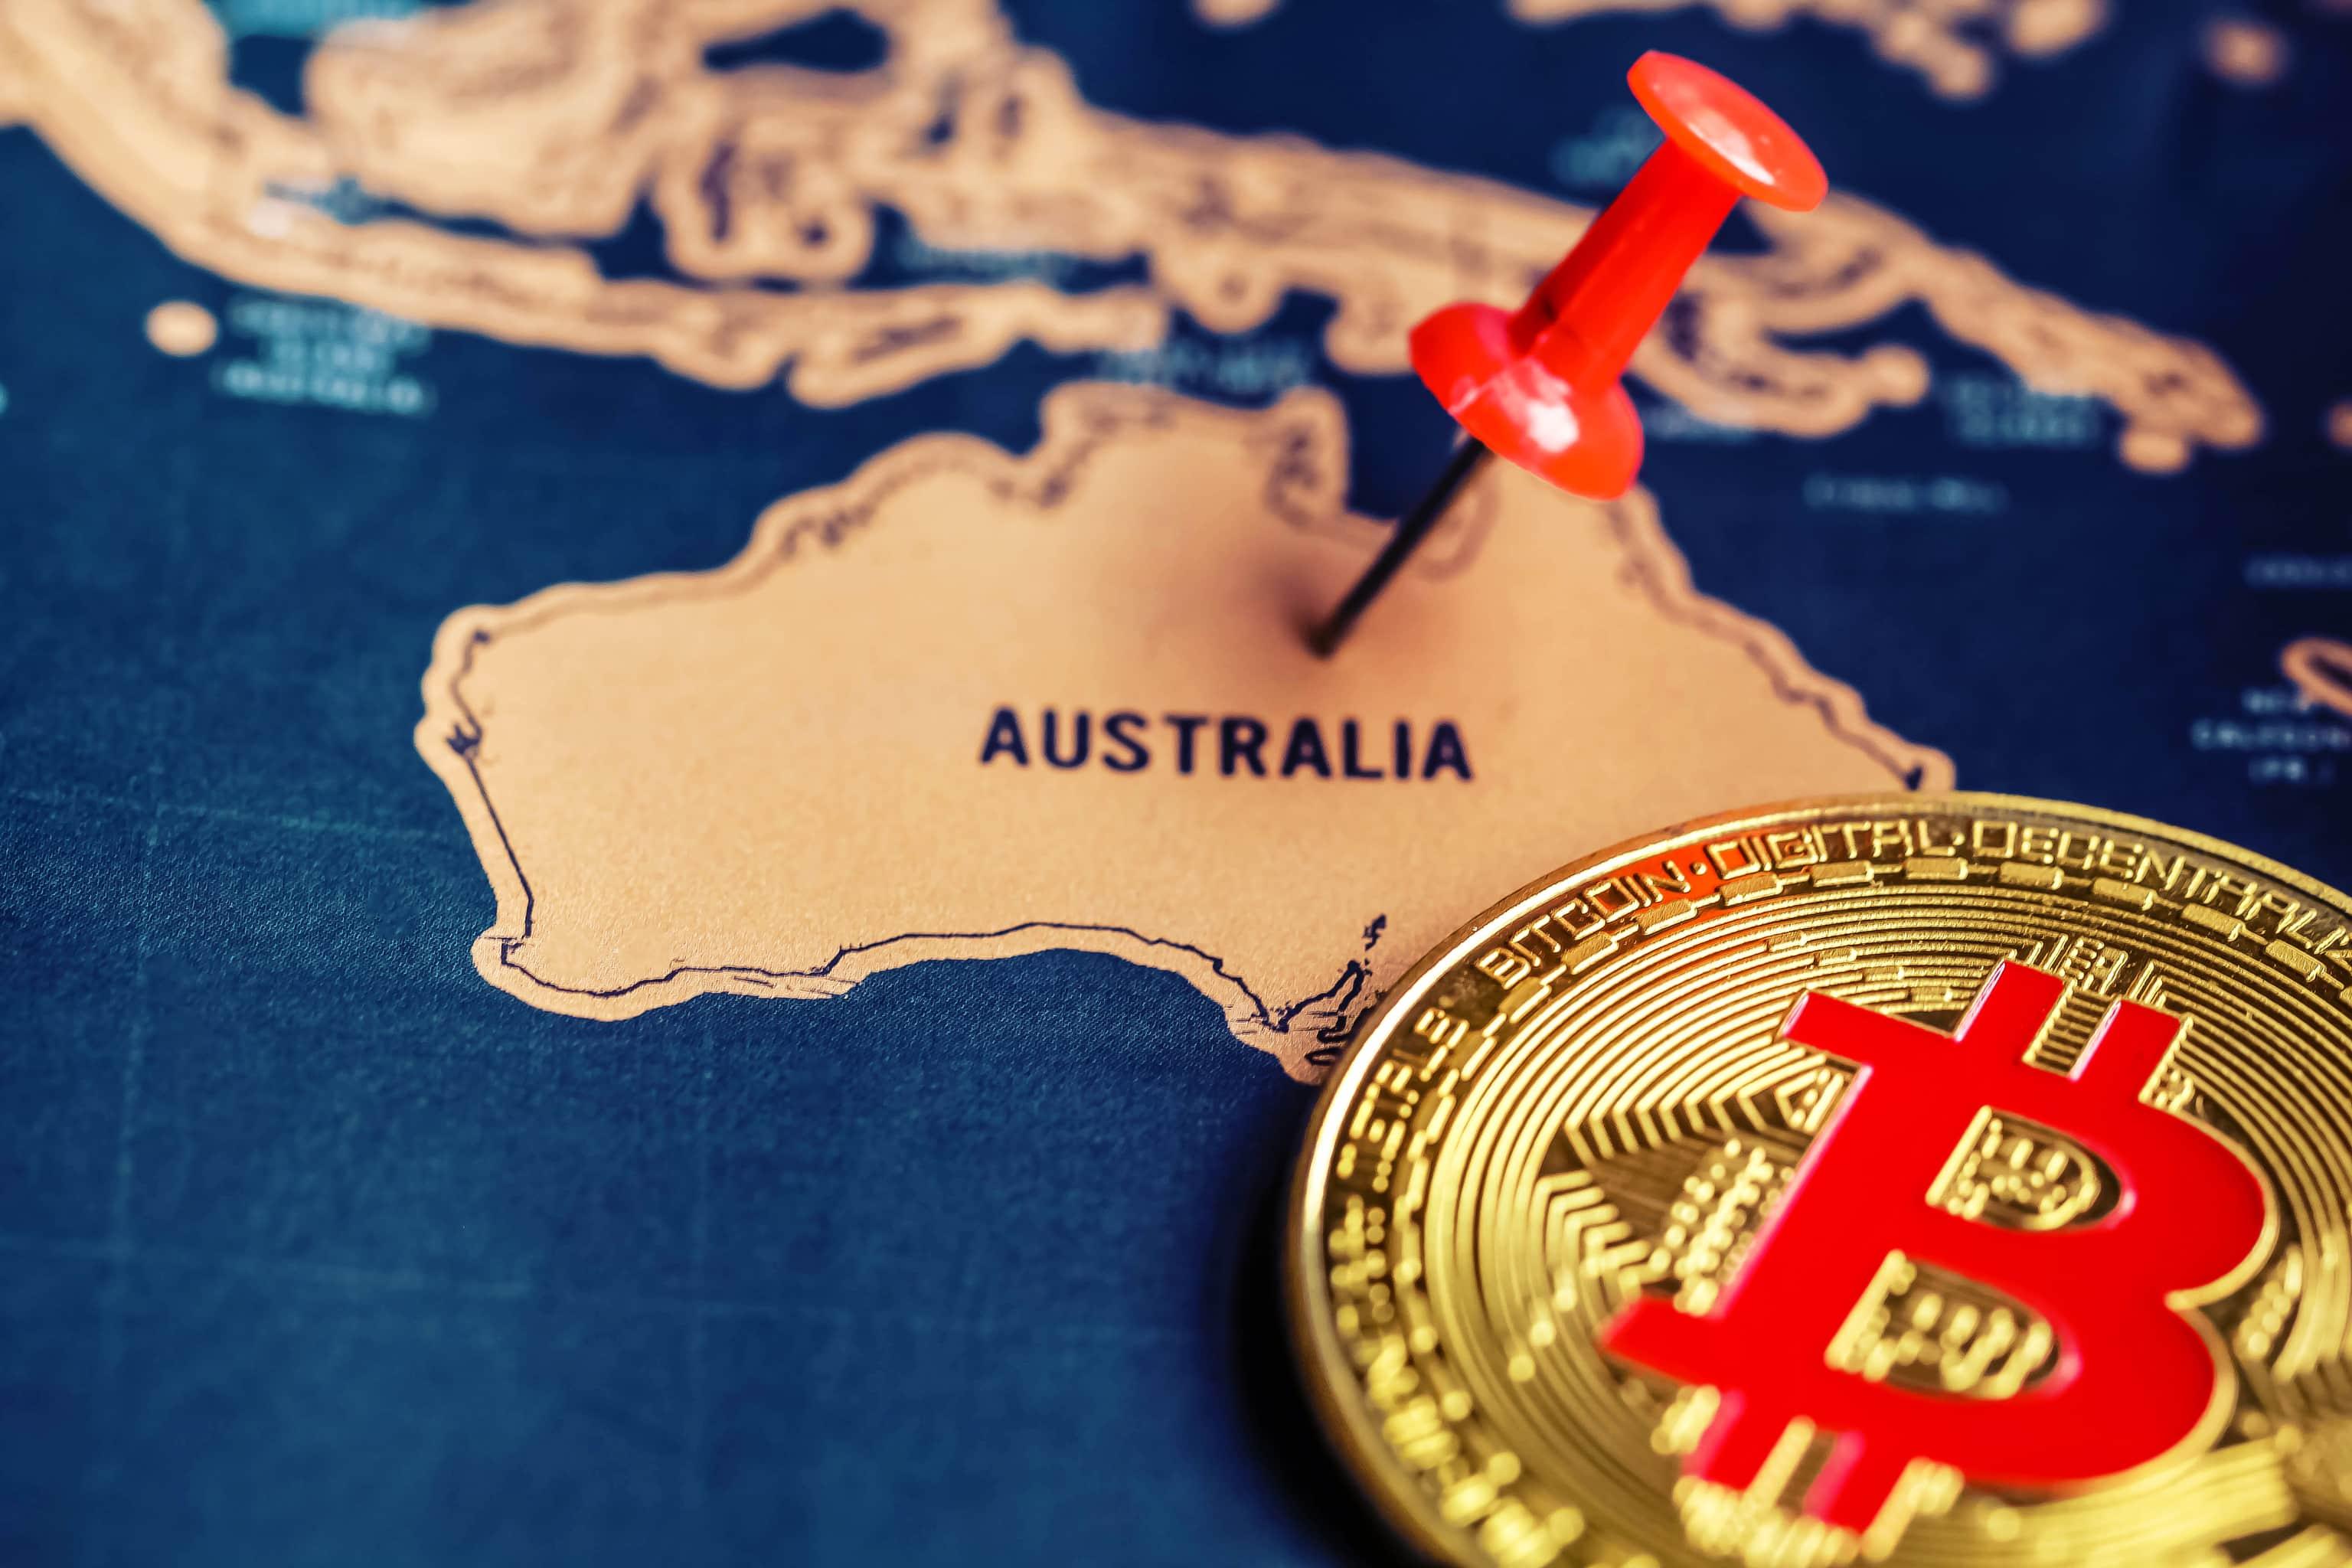 Umfrage bestätigt: In Australien ist Bitcoin beliebter als Gold